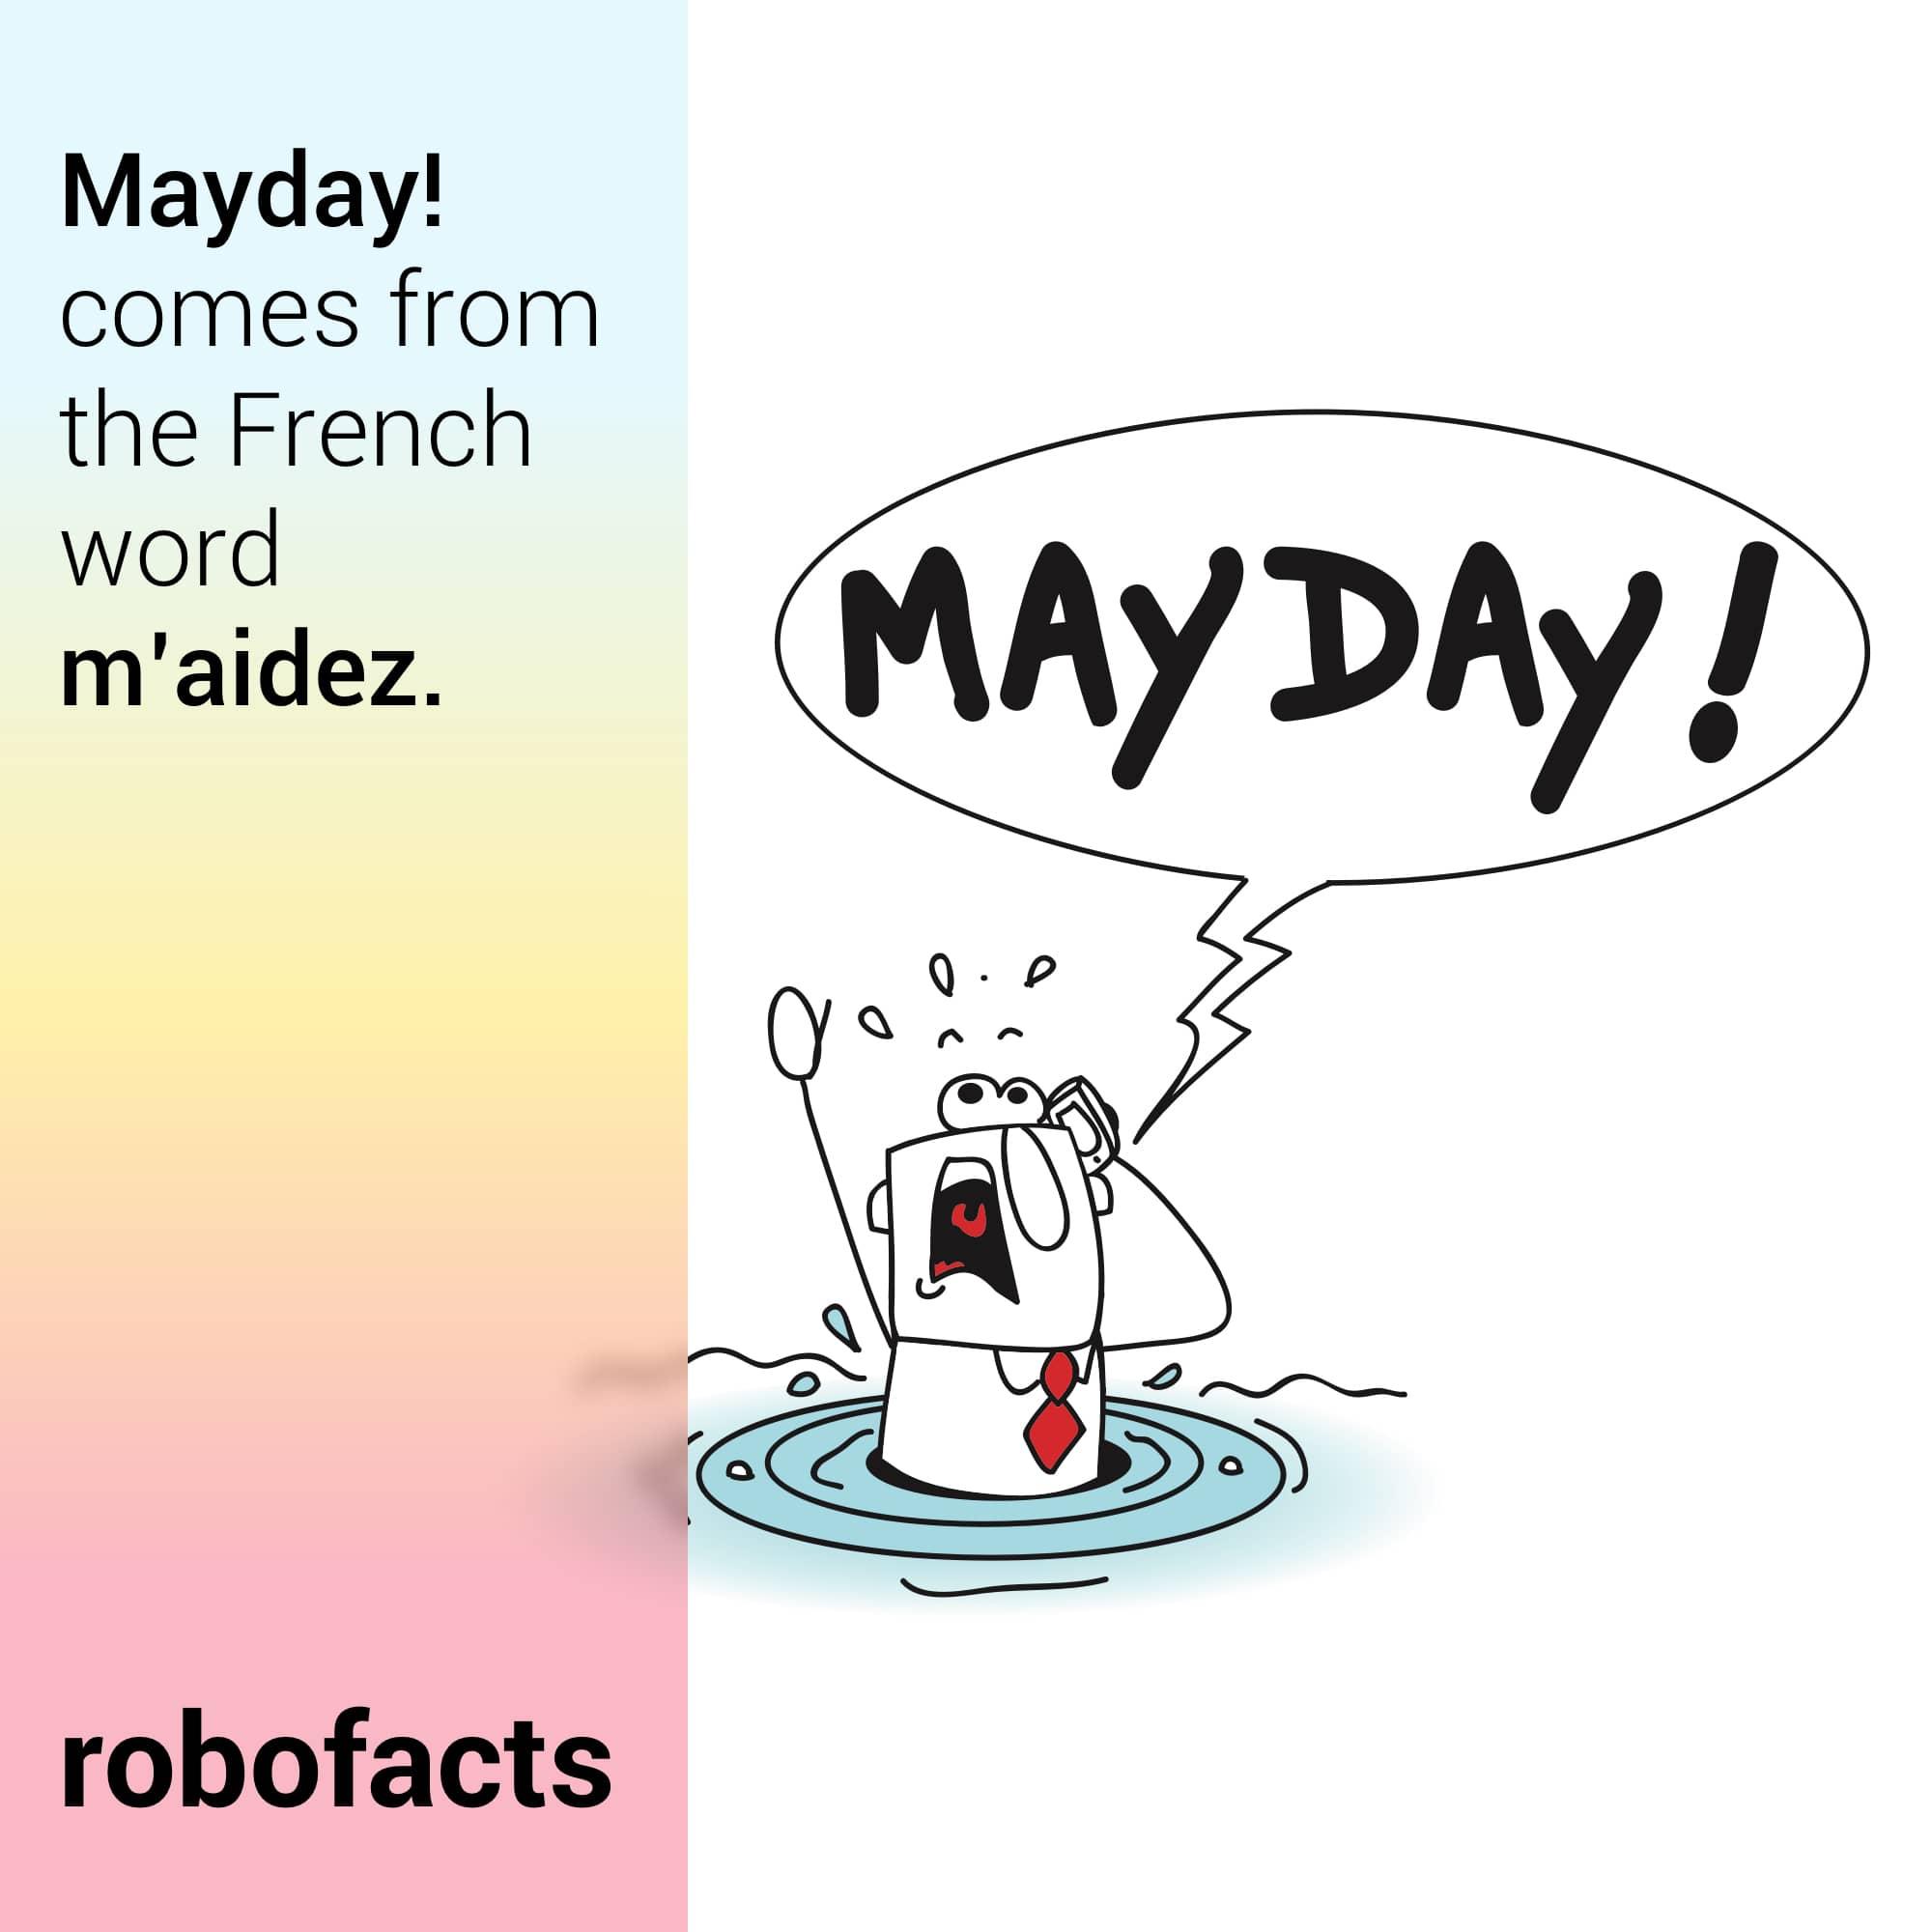 Mayday Mayday!